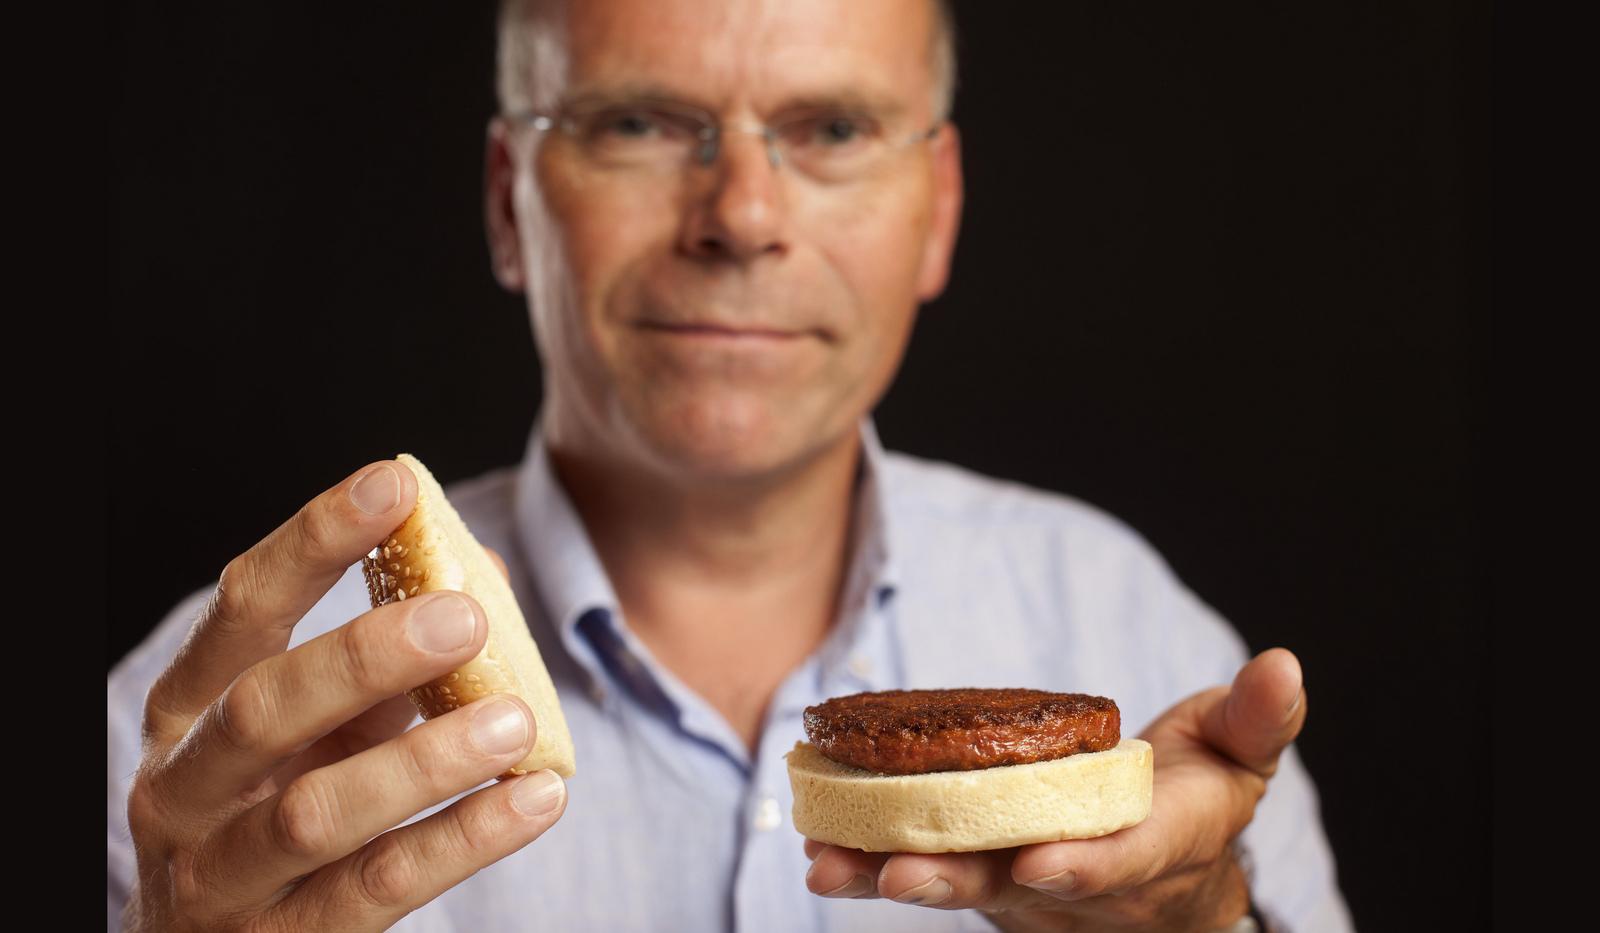 O professor Mark Post exibe um hambúrguer cultivado em laboratório (Divulgação)